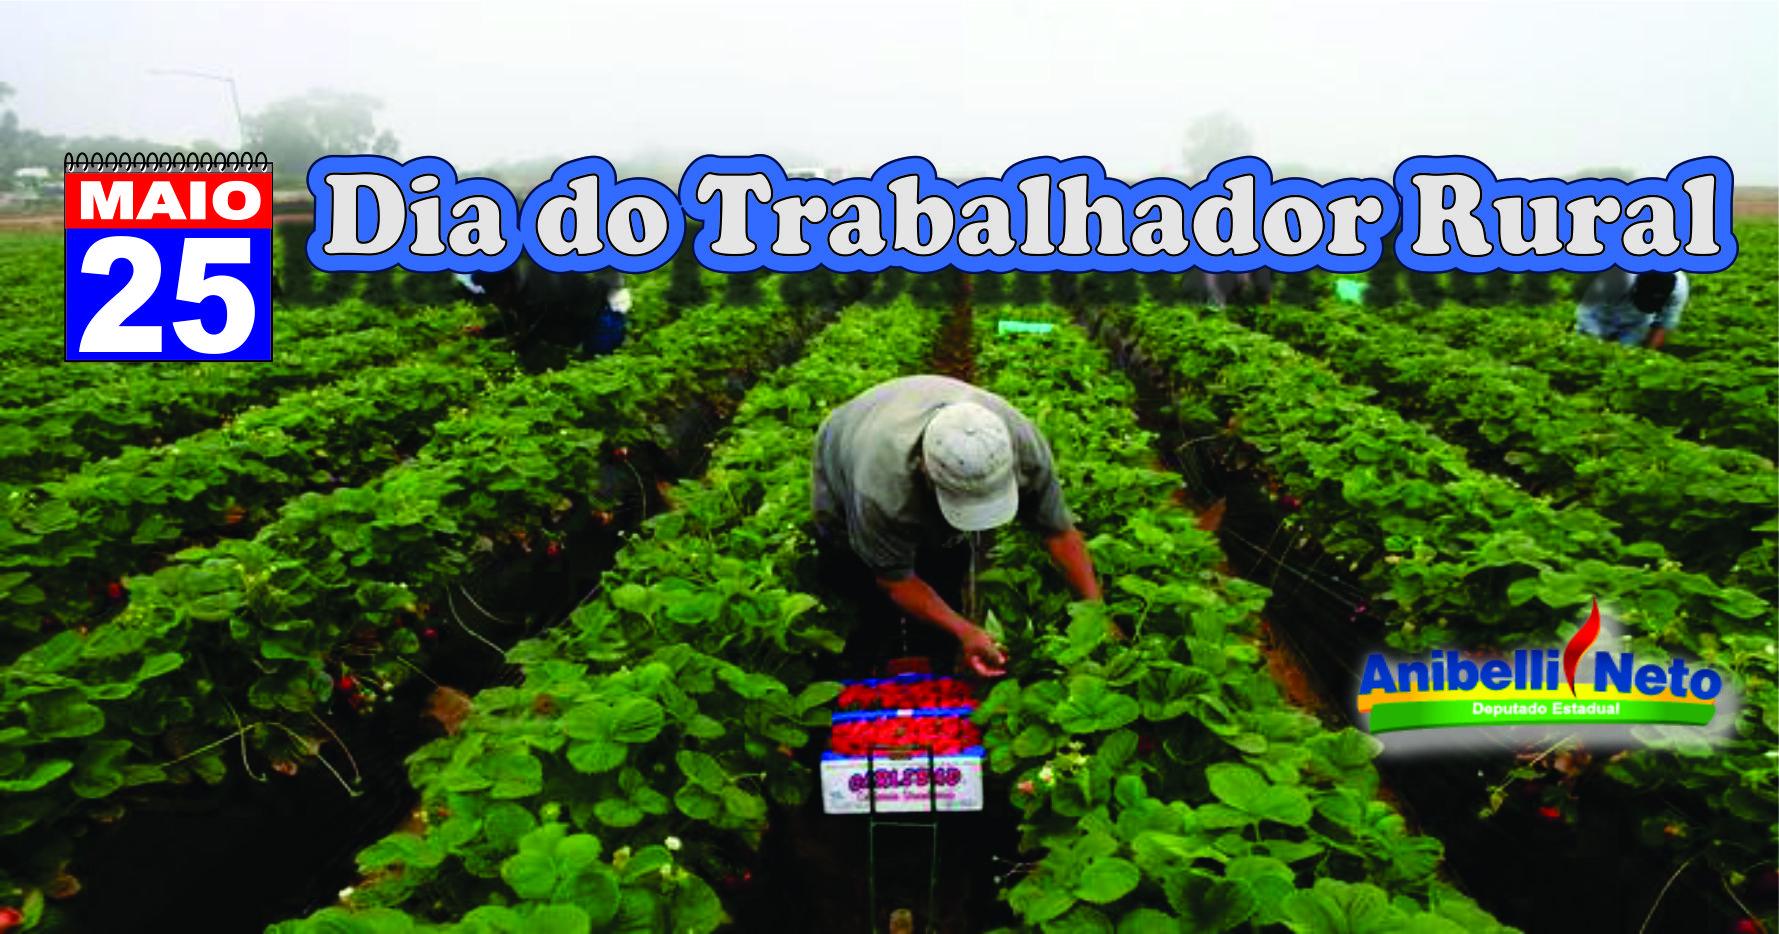 Dia do Trabalhador Rural